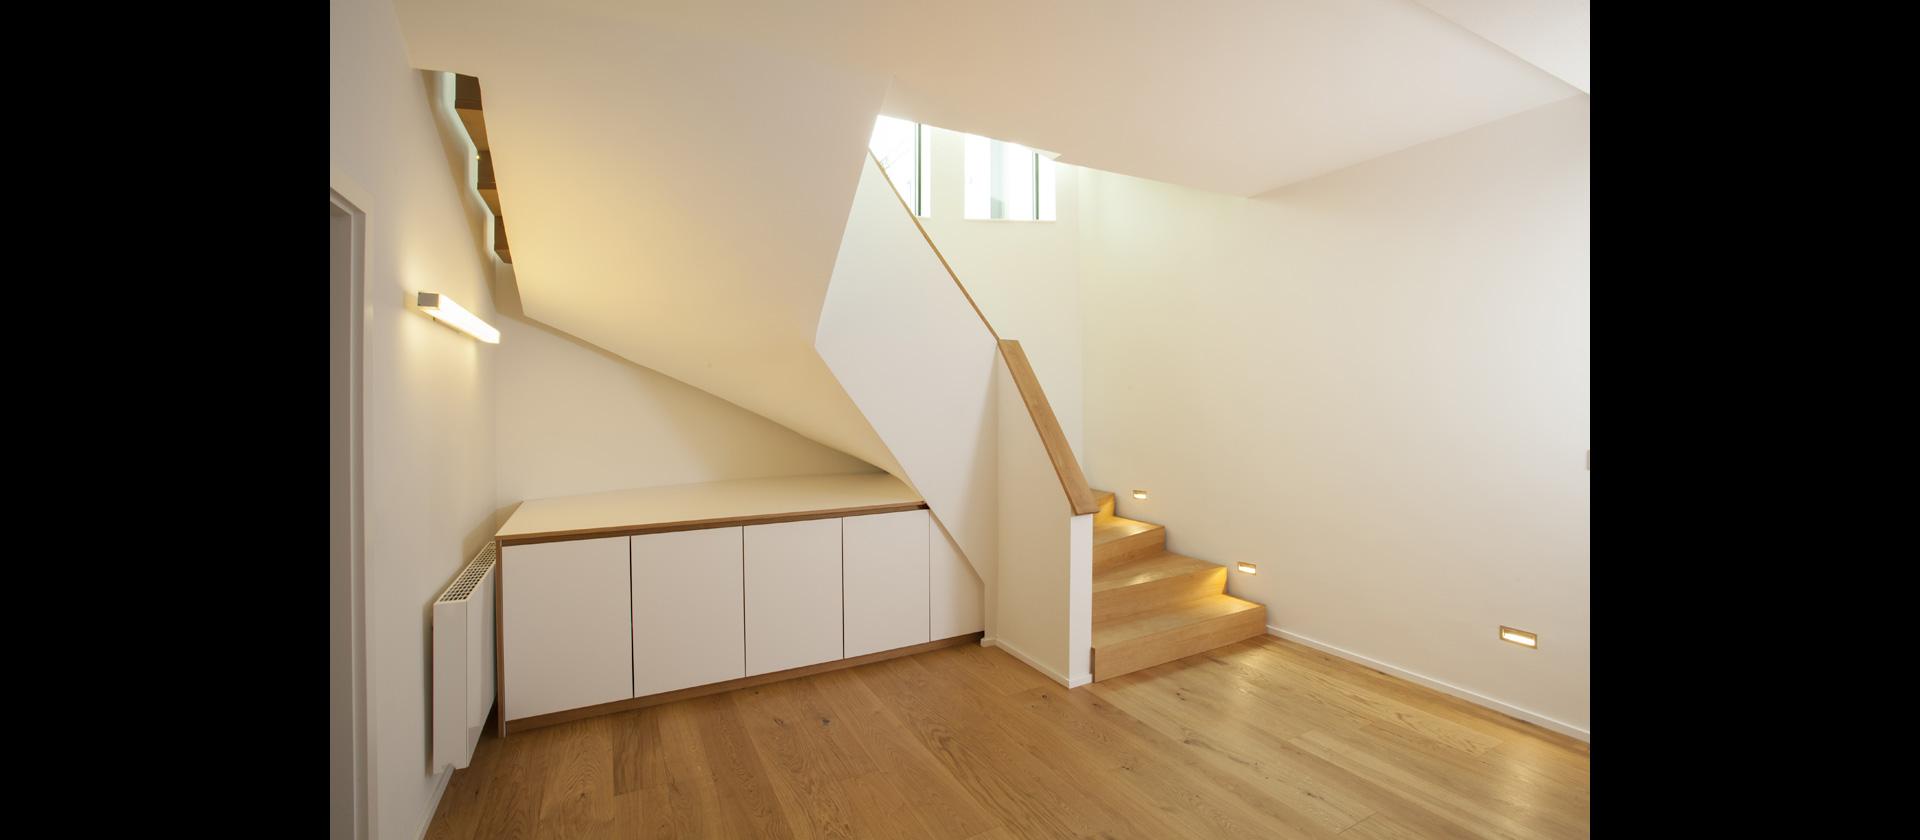 unter der treppe ideen fr stauraum unter der treppe garderobe unter treppe cool auf kreative. Black Bedroom Furniture Sets. Home Design Ideas